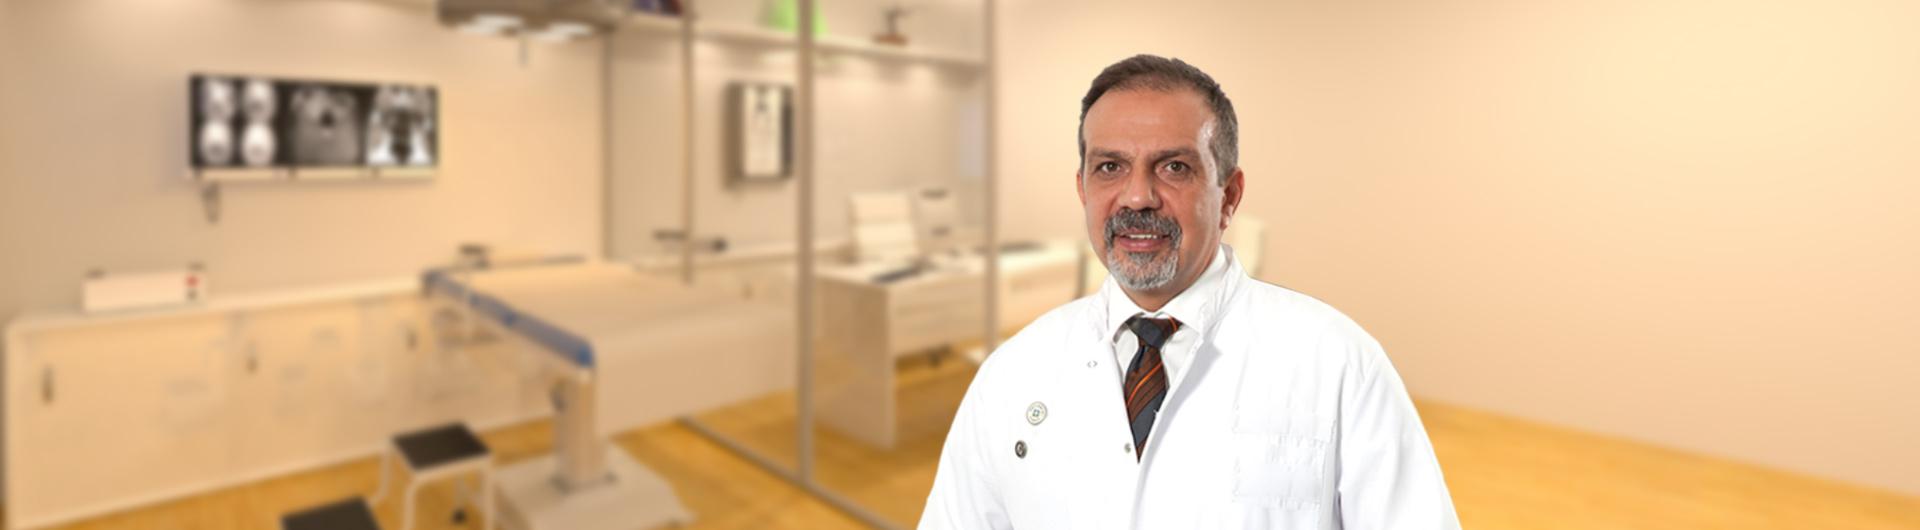 Dr. Fatih Güçer - Jinekolojik Onkolojik Cerrahi ve Endoskopik Cerrahi Uzmanı